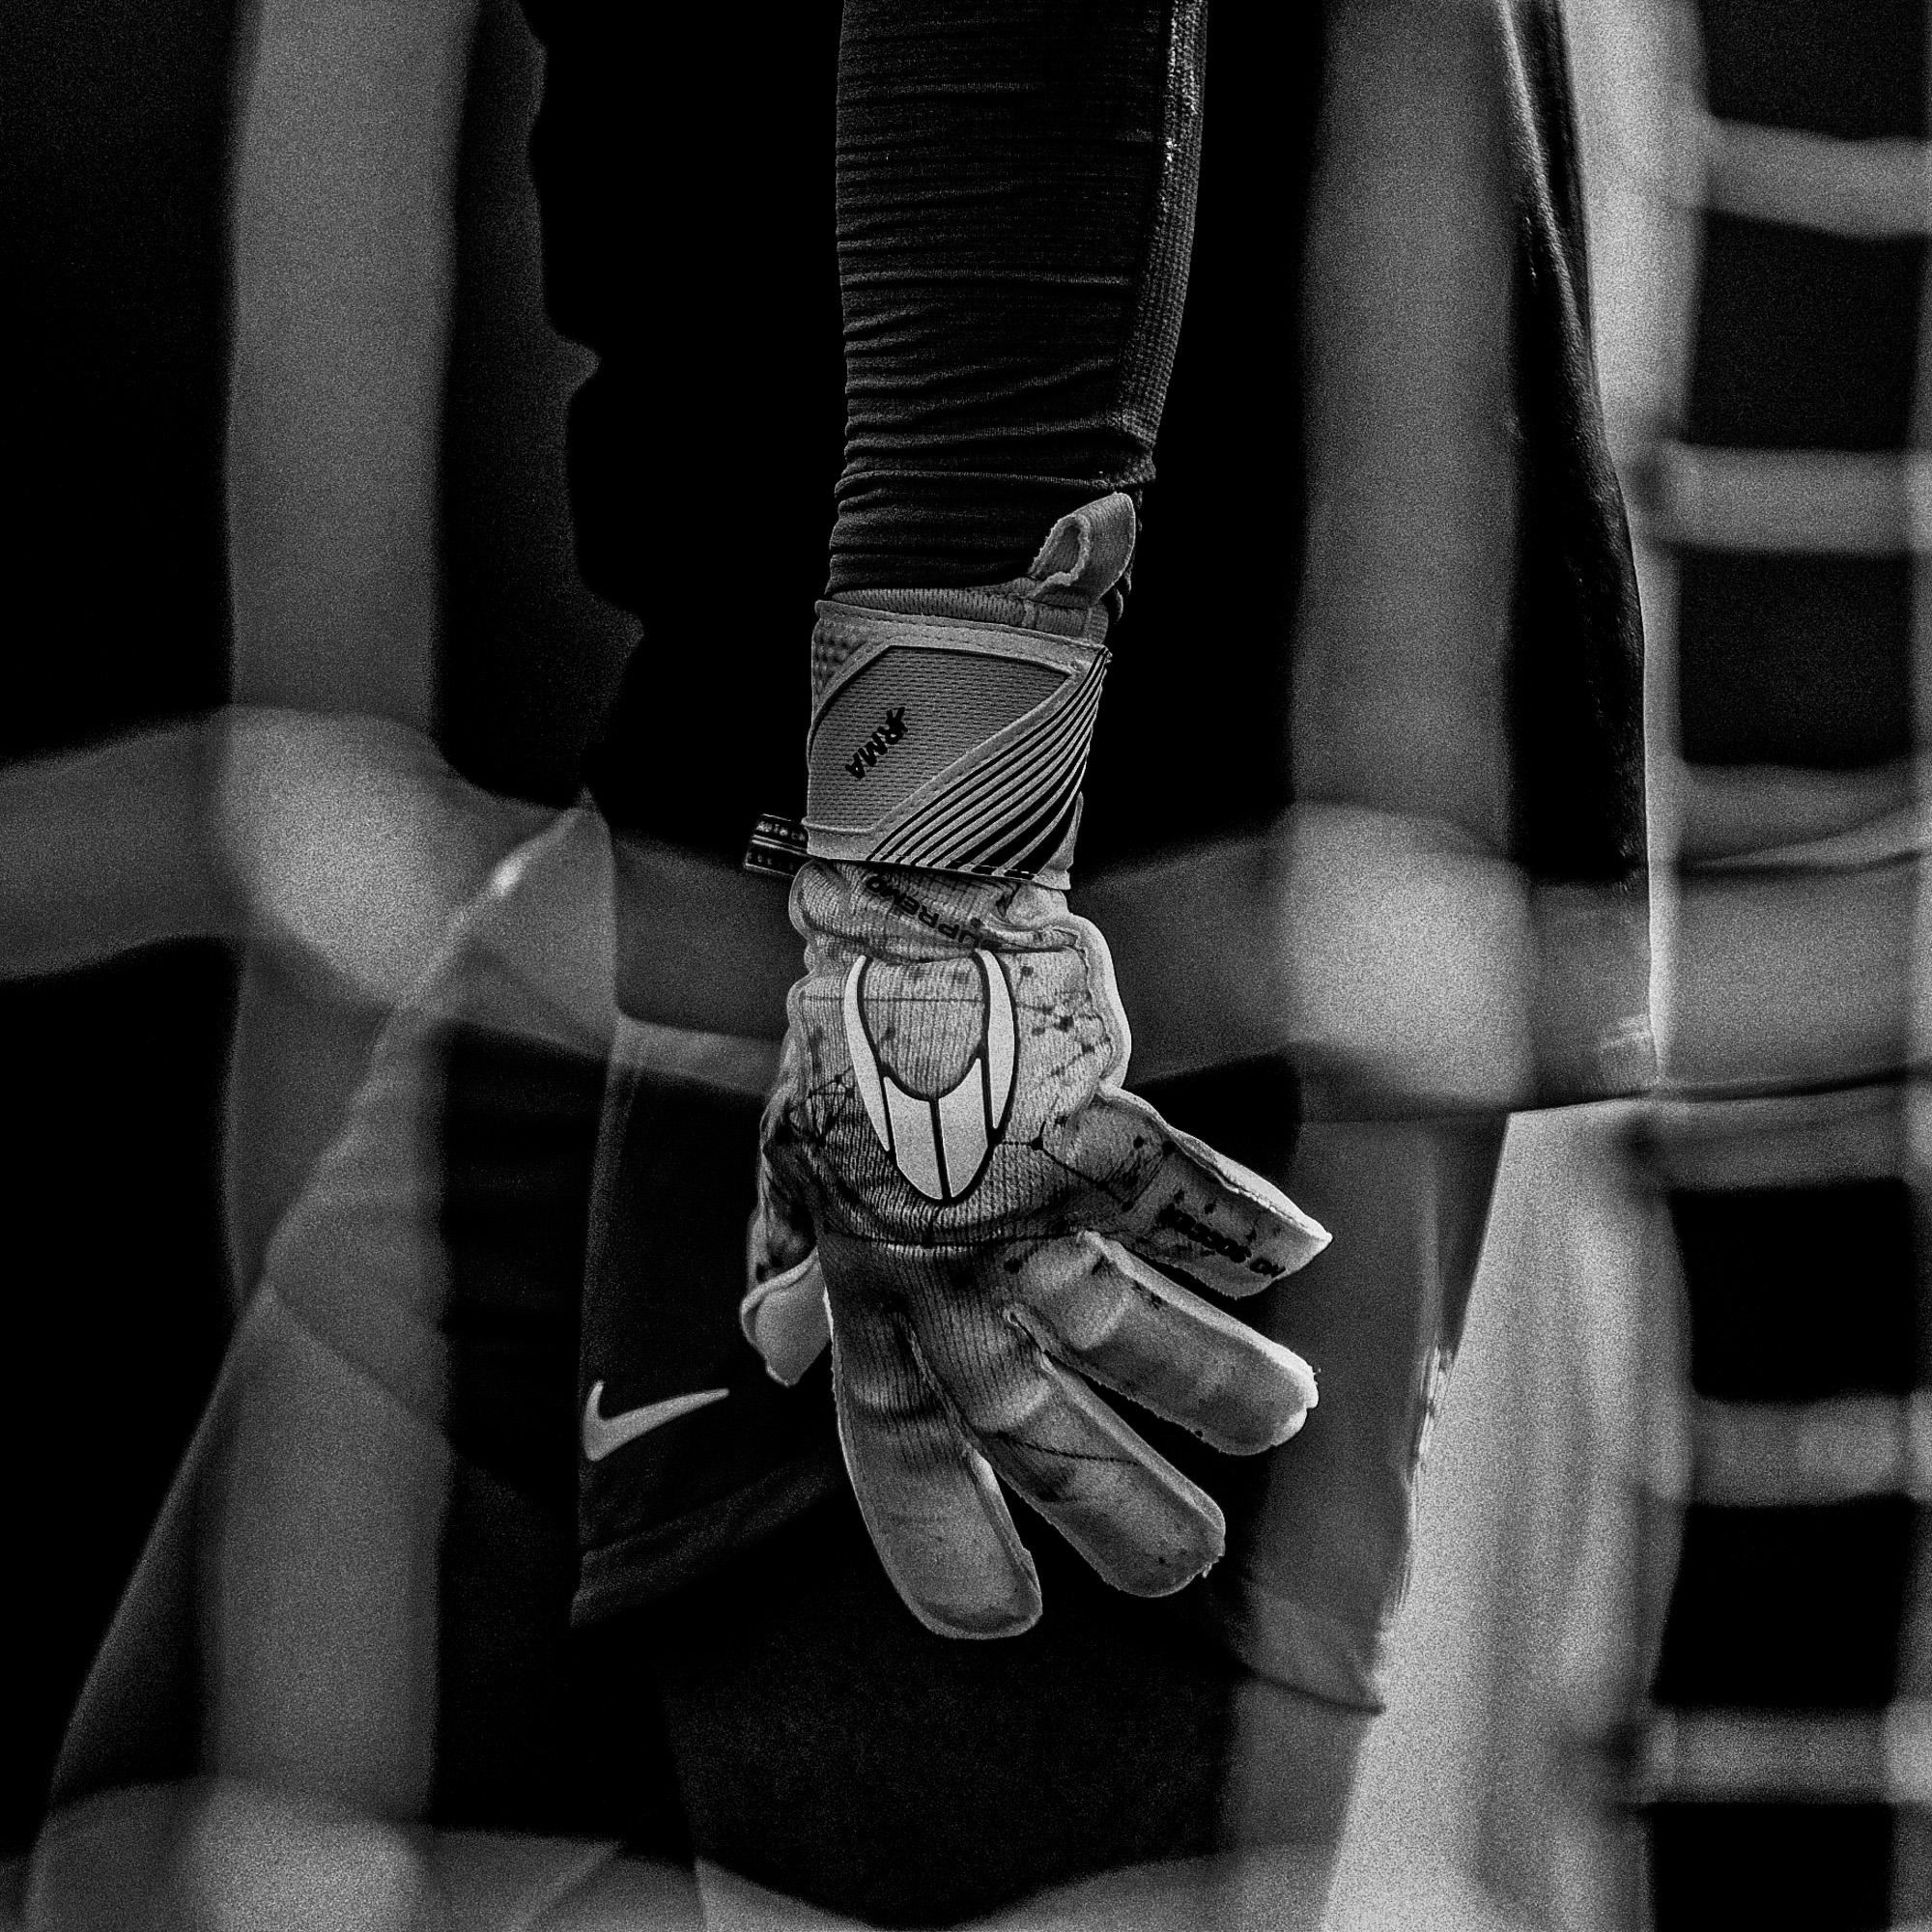 A HO Soccer foi fundada em 2001, na Espanha, dedicada ao mundo do futebol, especificamente aos goleiros. Atualmente, a empresa está presente em 54 países, sendo representada por mais de 500 goleiros profissionais, nos principais campeonatos do mundo. A marca deu início oficialmente aos trabalhos no Brasil em outubro de 2013, com a chegada da coleção 2013-14, baseando o trabalho na qualidade de seus produtos e serviços.